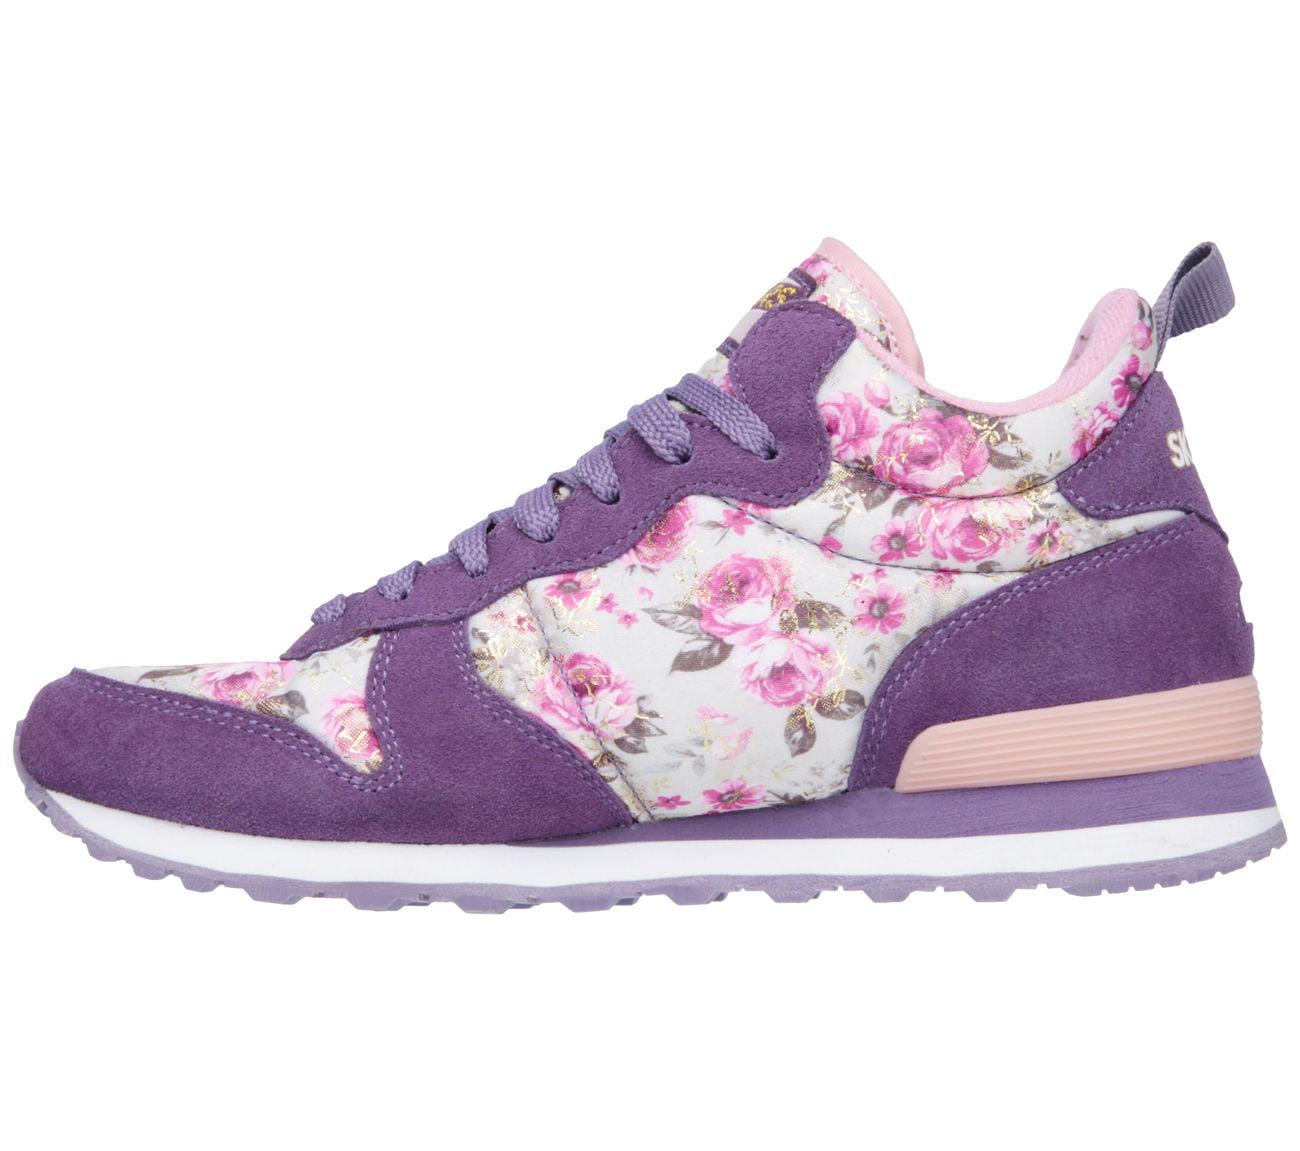 b7e77f057613 SKECHERS - Skechers 121 PRPK Women s OG 85-HOLLYWOOD ROSE Sneaker -  Walmart.com